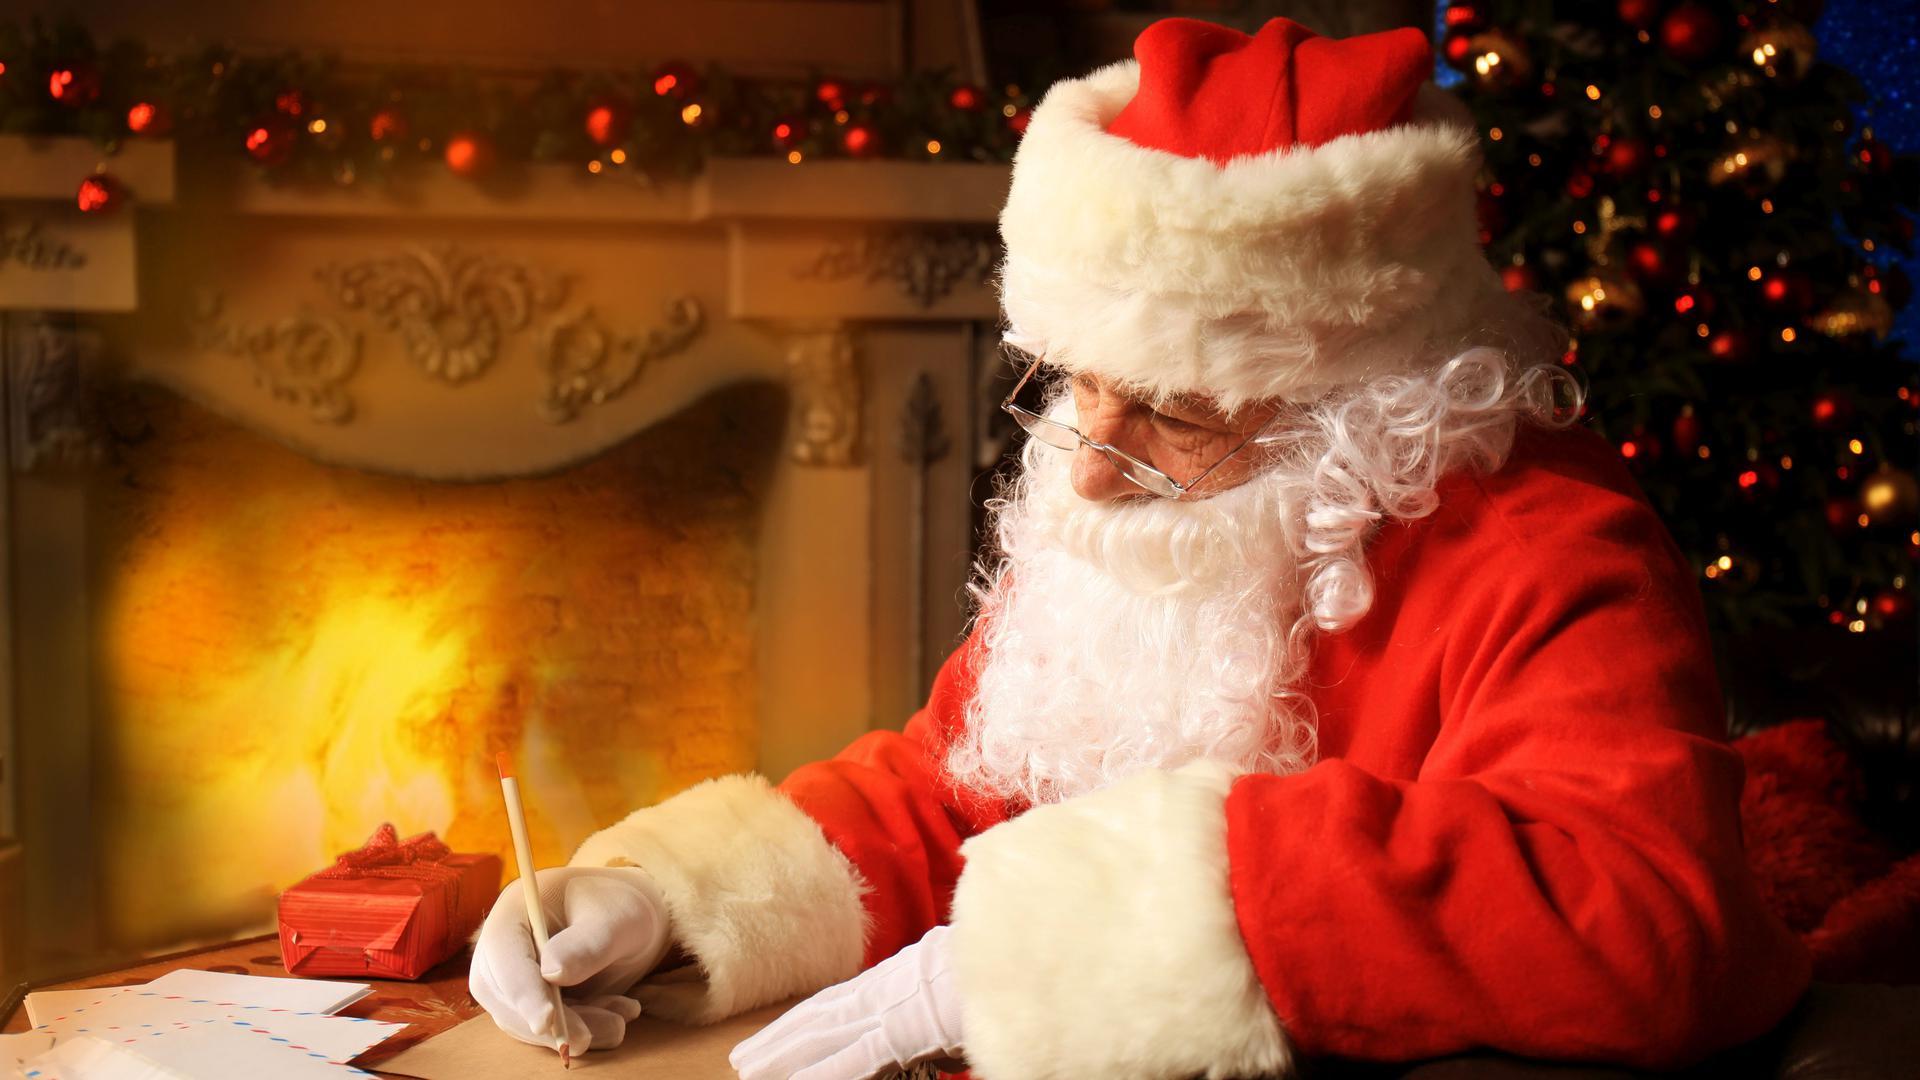 """""""... vielen Dank für Deinen Brief."""" Manchmal schreiben Weihnachtsmann und Christkind sogar zurück. Ehrenamtliche Helfer der Deutschen Post etwa sorgen dafür."""